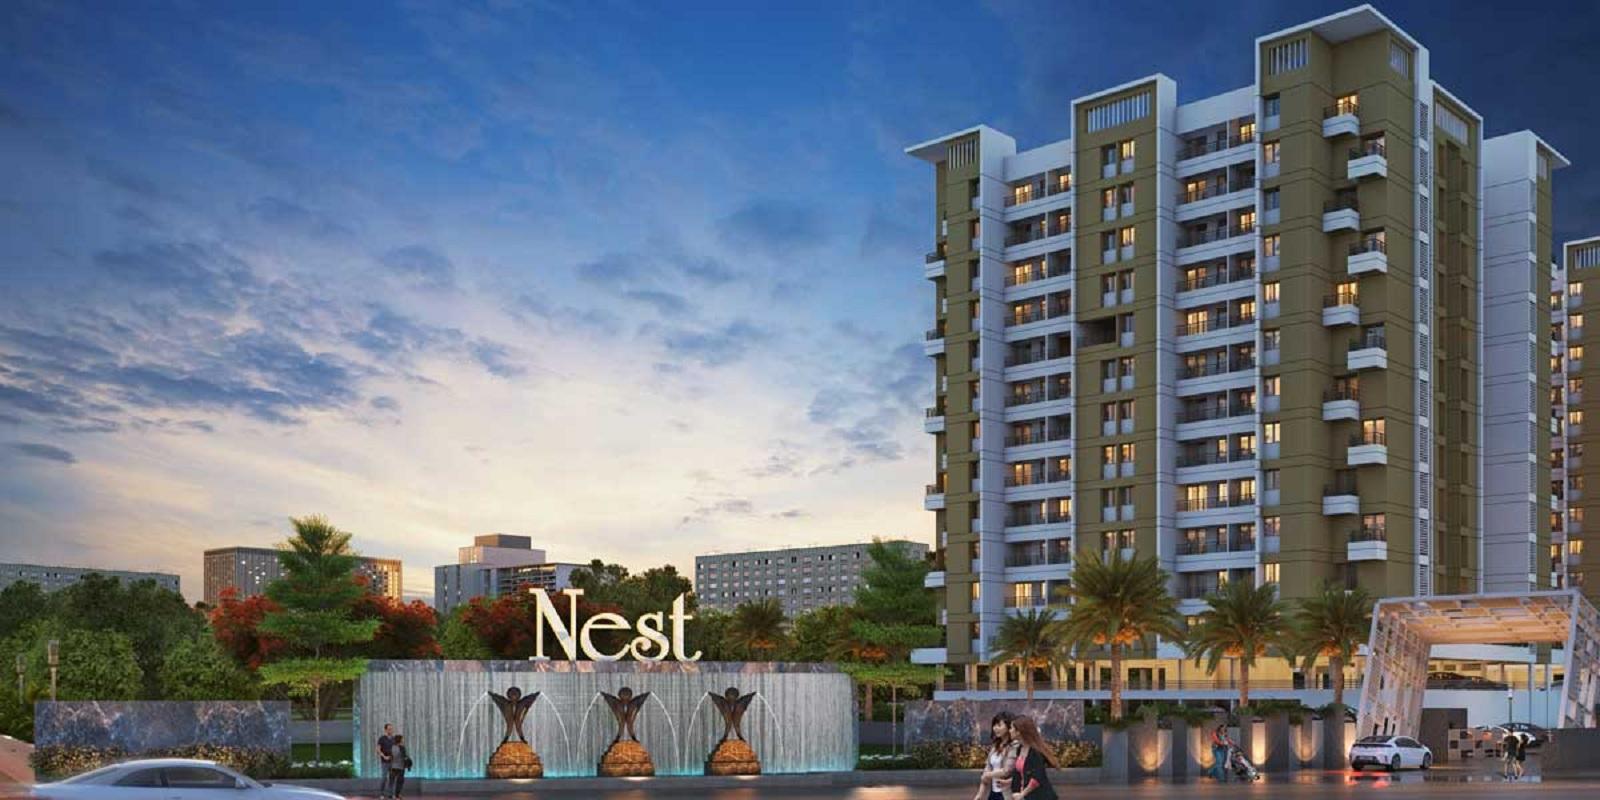 majestique nest building a project large image2